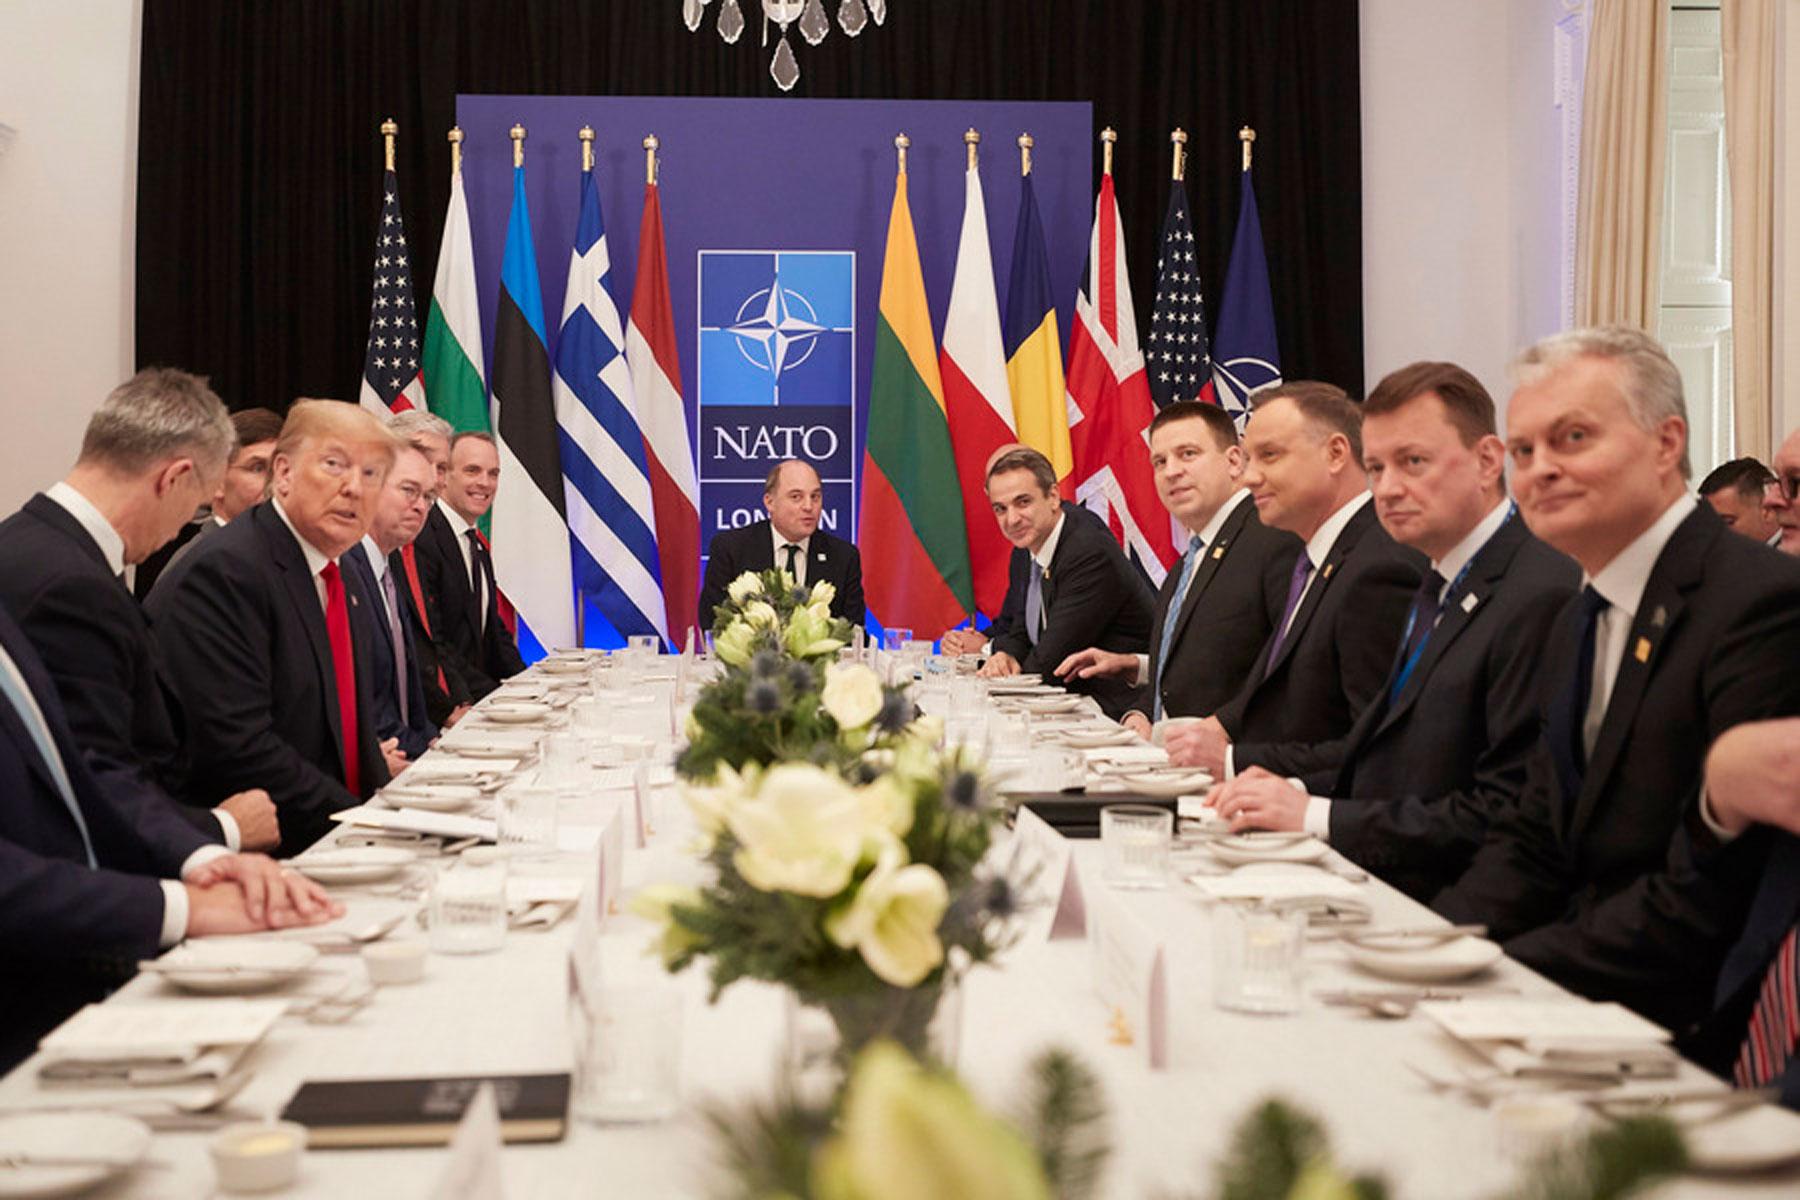 """«Κερνάω απόψε εγώ!» - Η ατάκα του """"κιμπάρη"""" Τραμπ στις χώρες που… πληρώνουν το 2% στο ΝΑΤΟ!"""